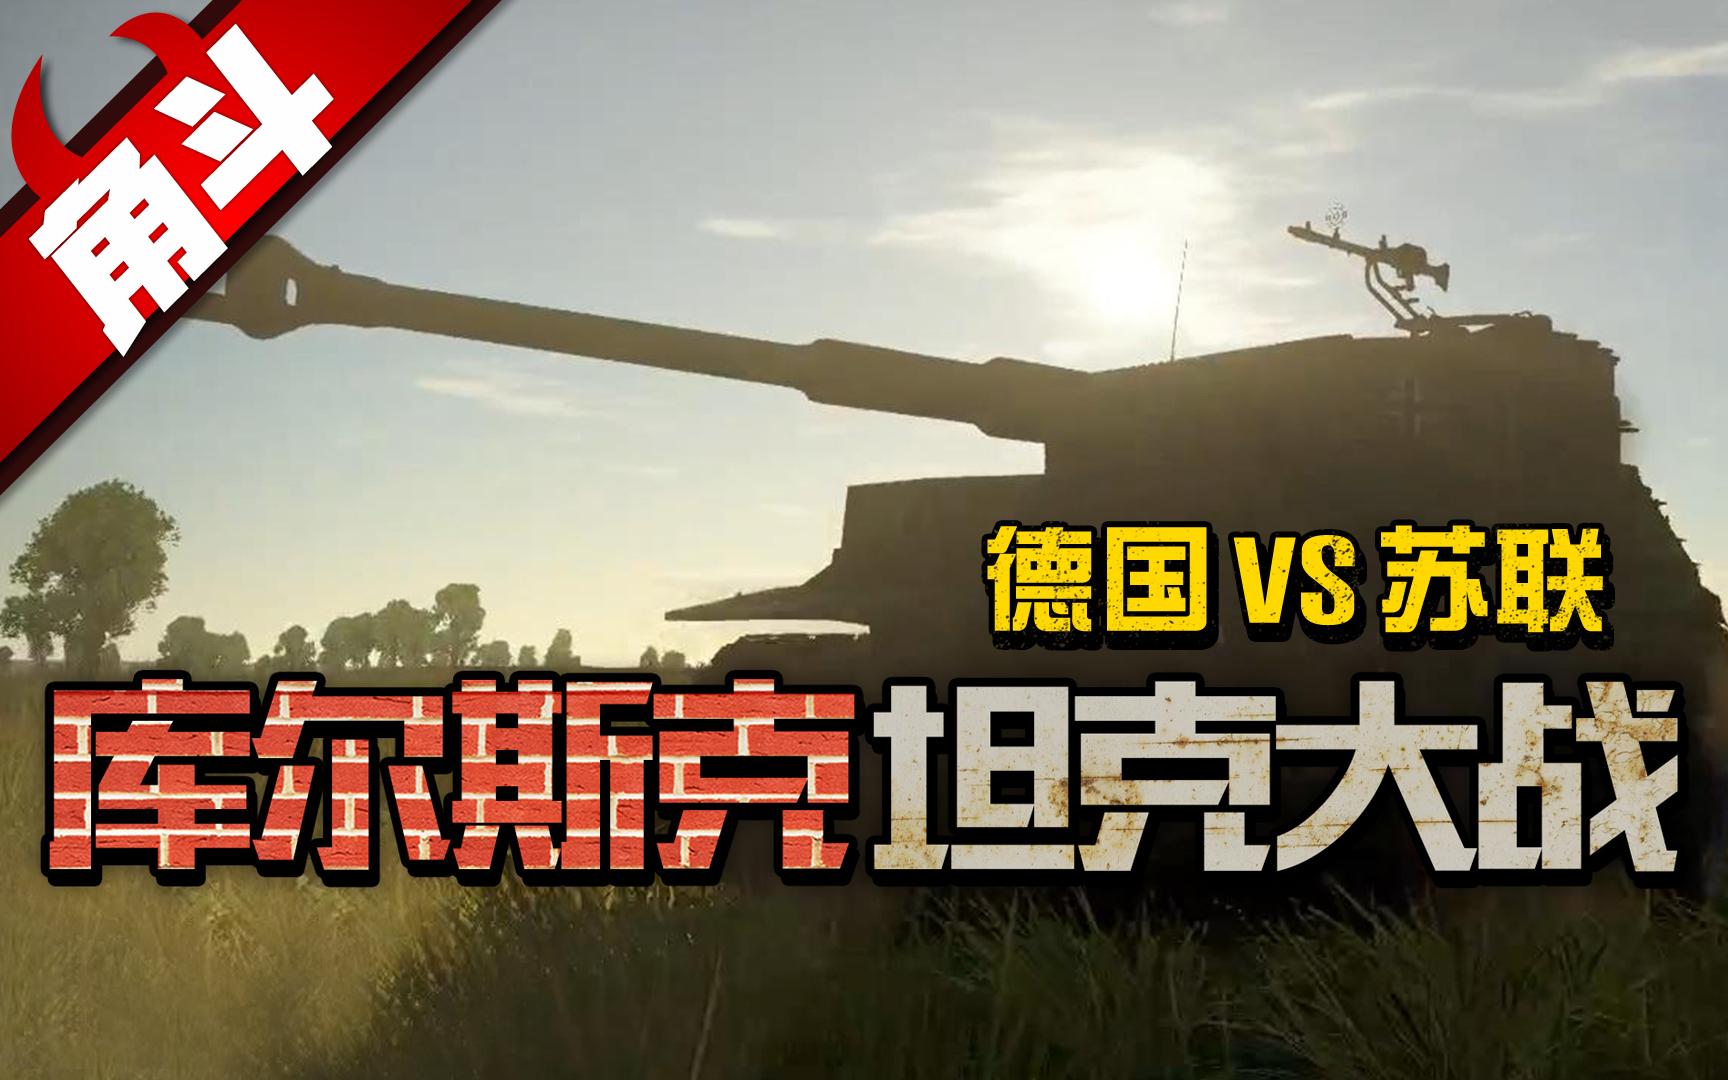 【大国角斗】库尔斯克坦克大战(德国vs苏联)